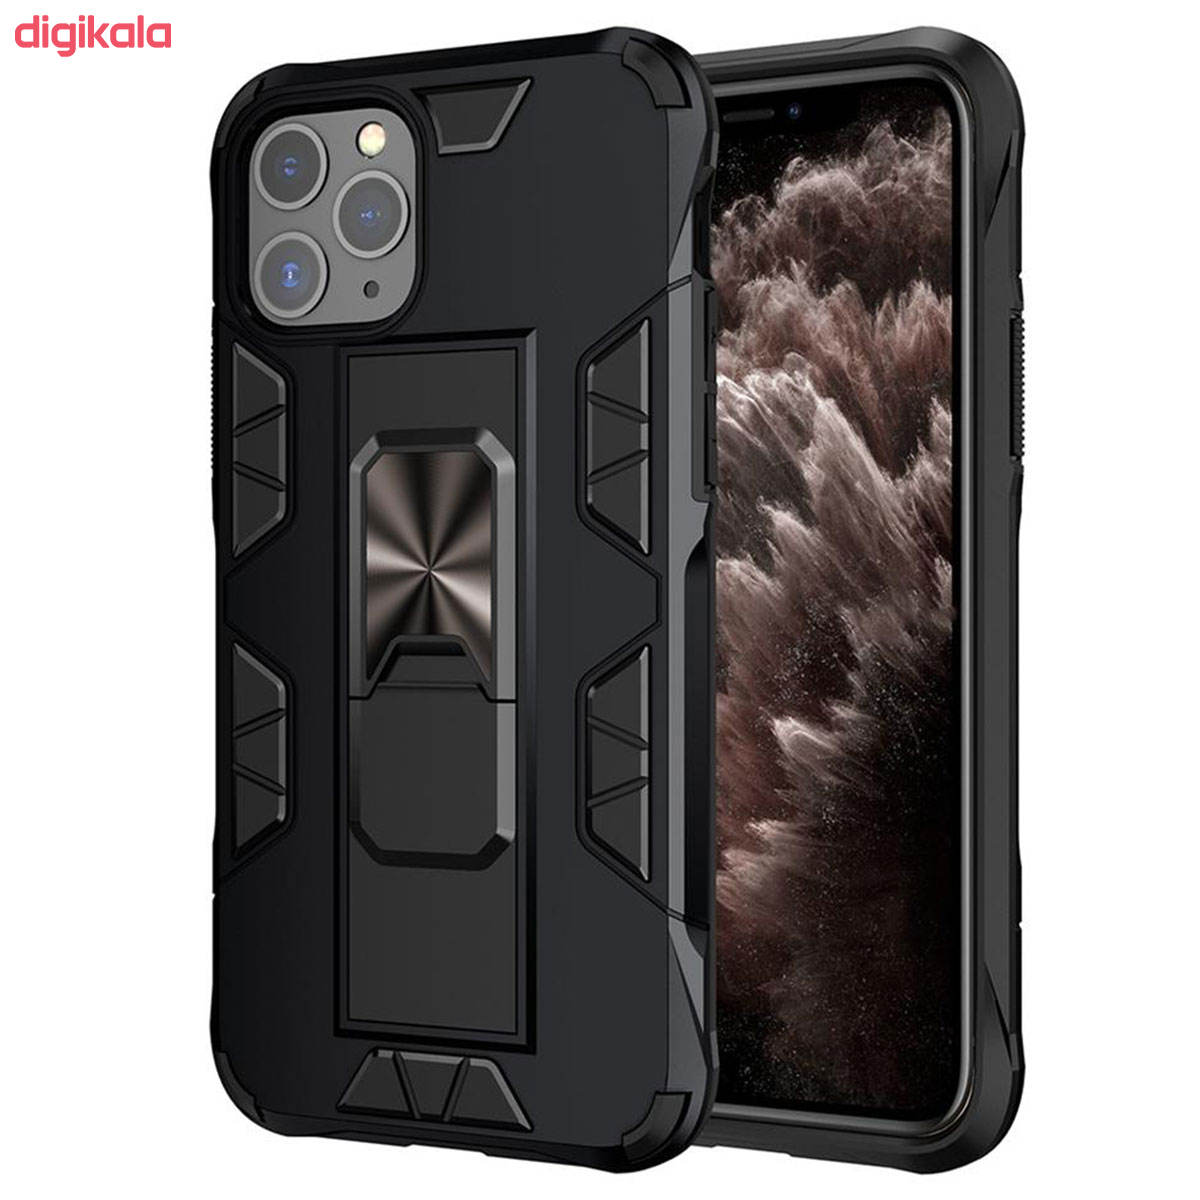 کاور لوکسار مدل Defence90s مناسب برای گوشی موبایل اپل iPhone 11 Pro main 1 10